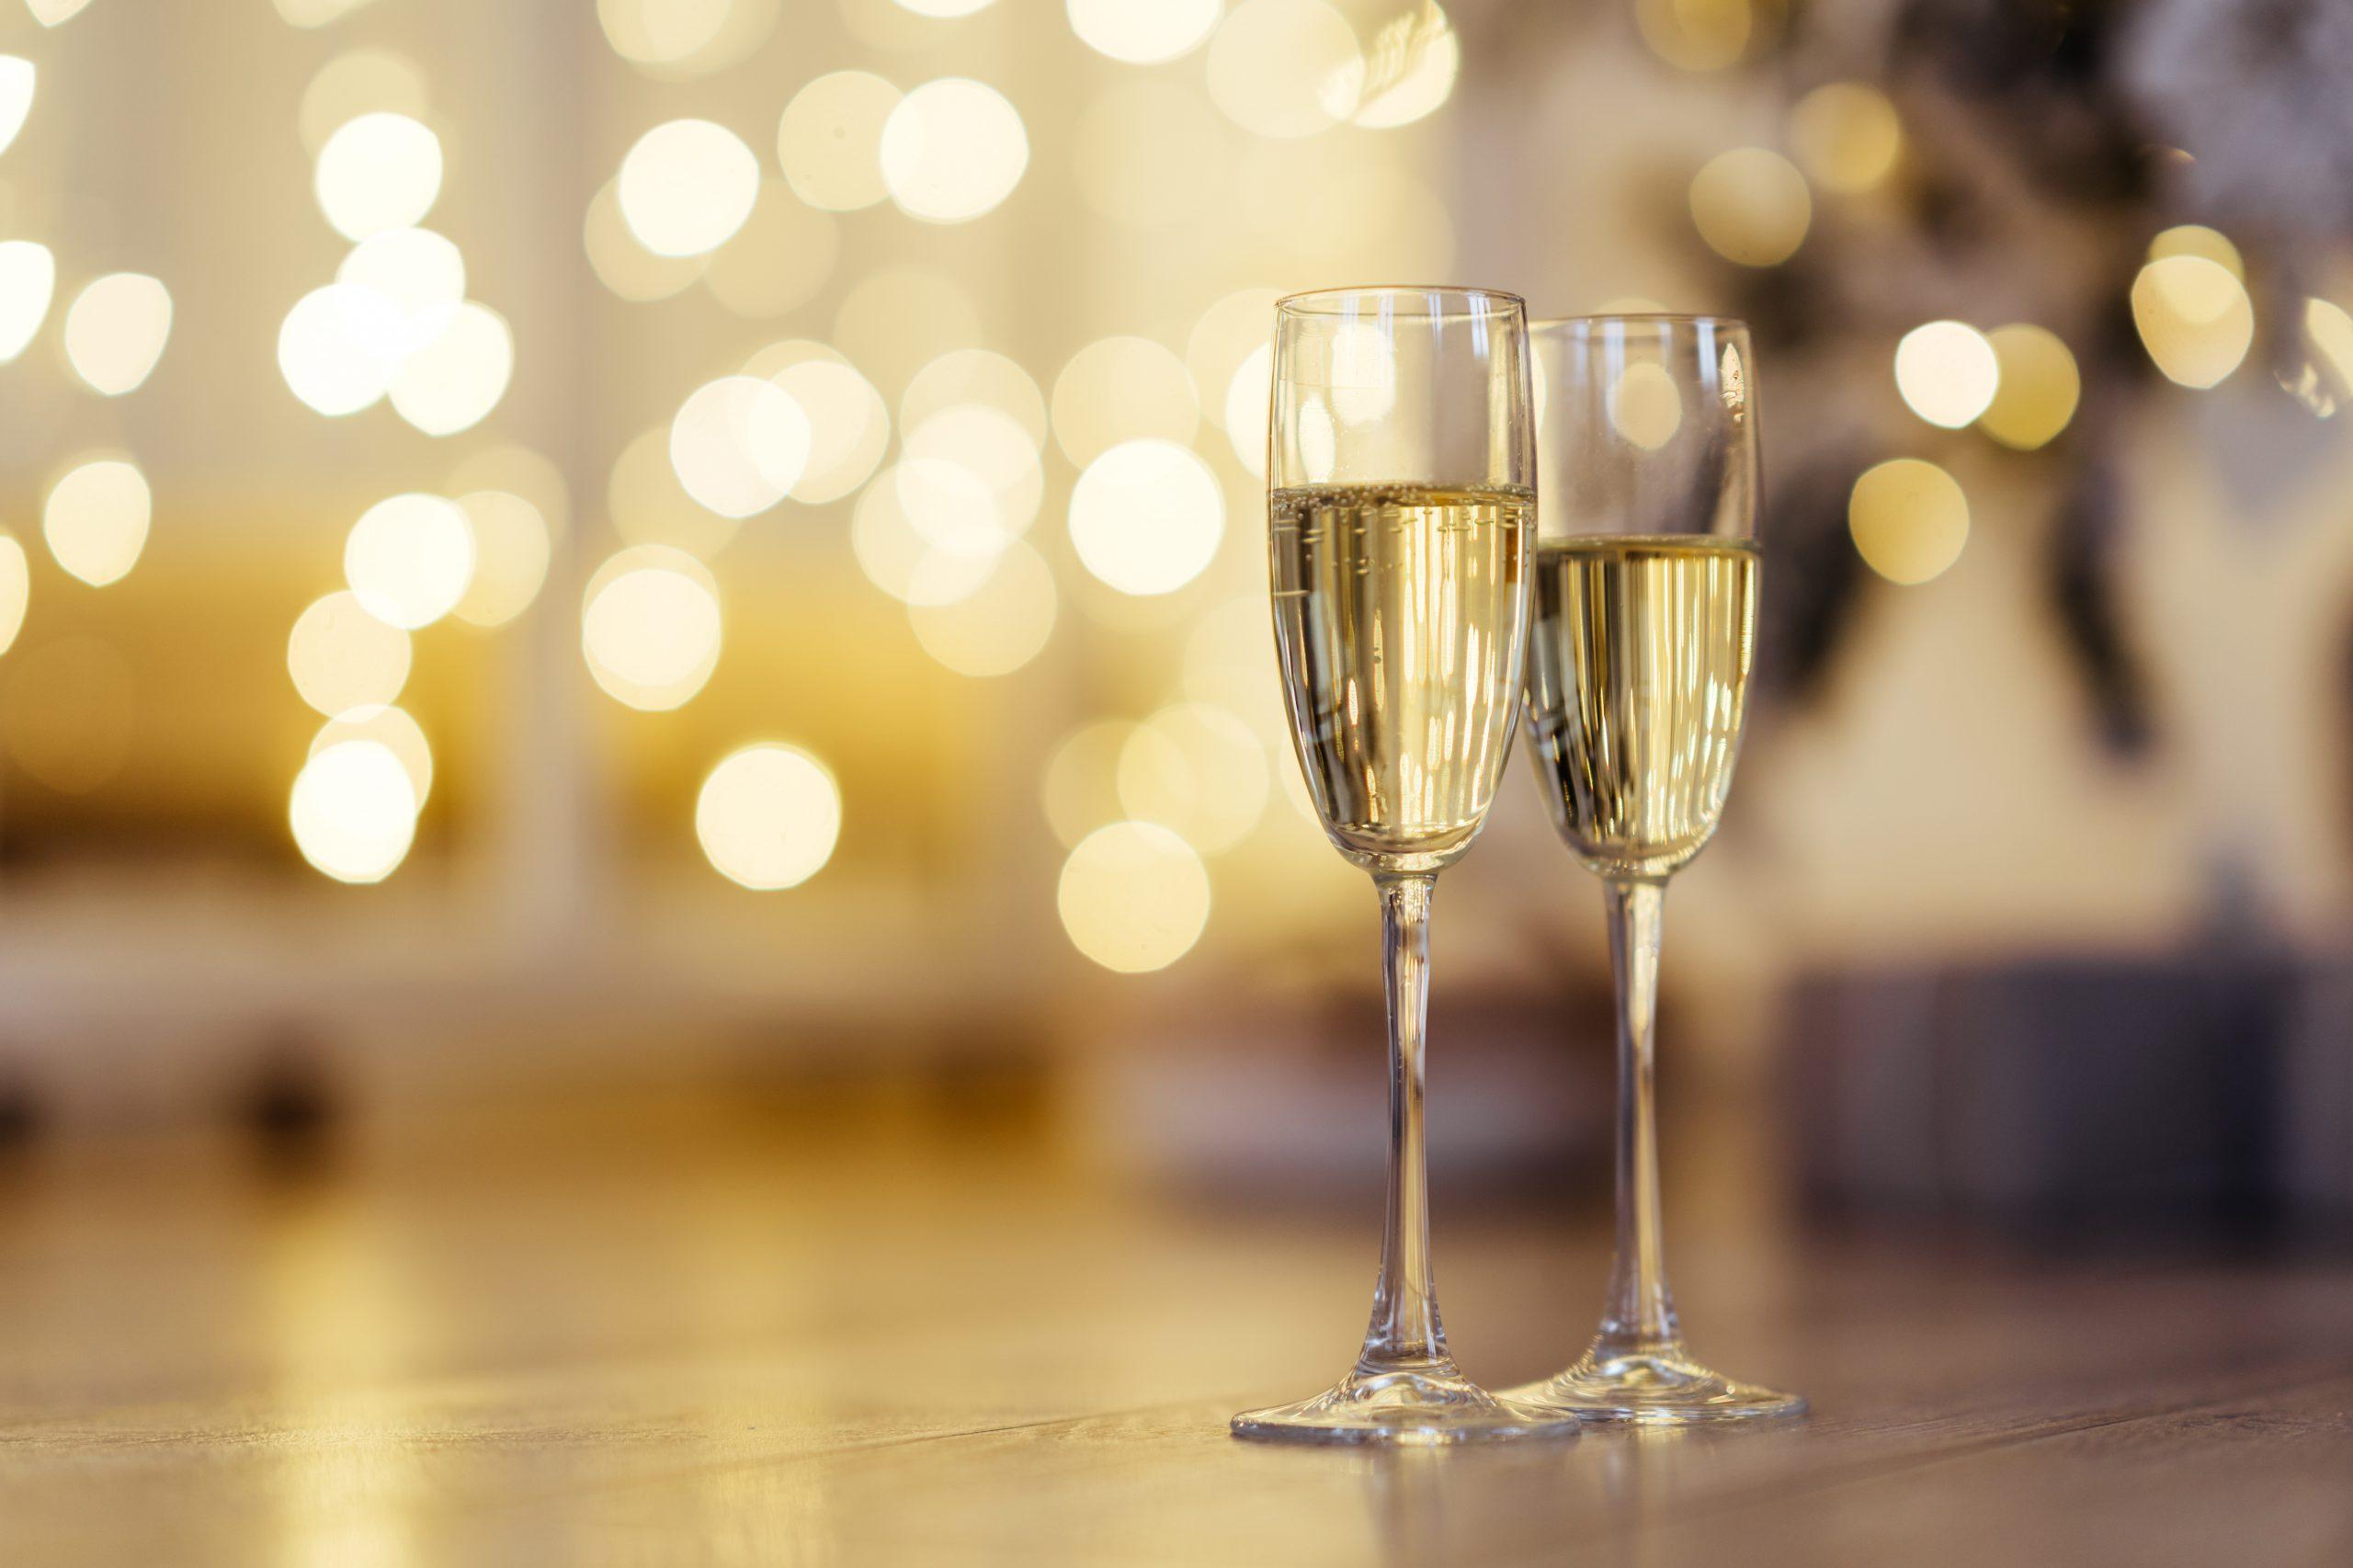 デザートと合わせたいシャプティエのこだわりワイン!一押しのシリーズをご紹介